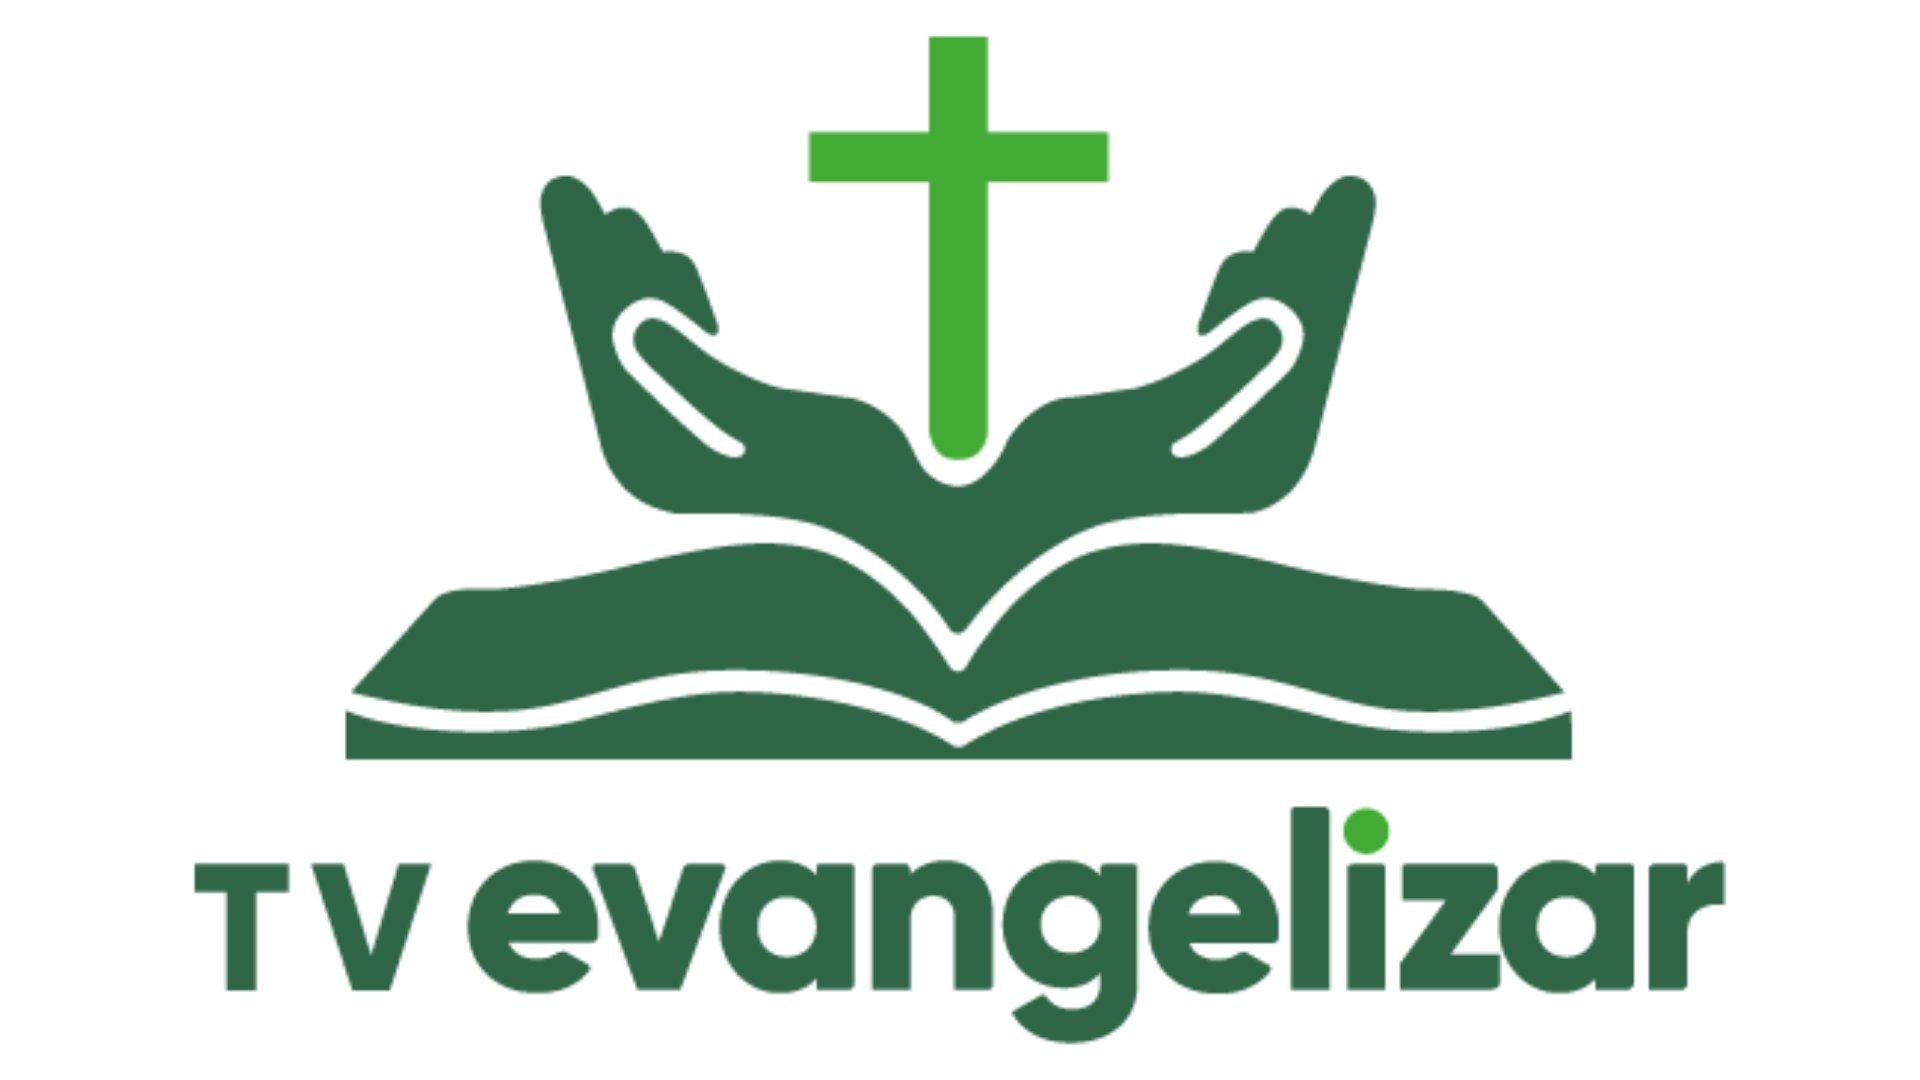 TV Evangelizar Ao Vivo